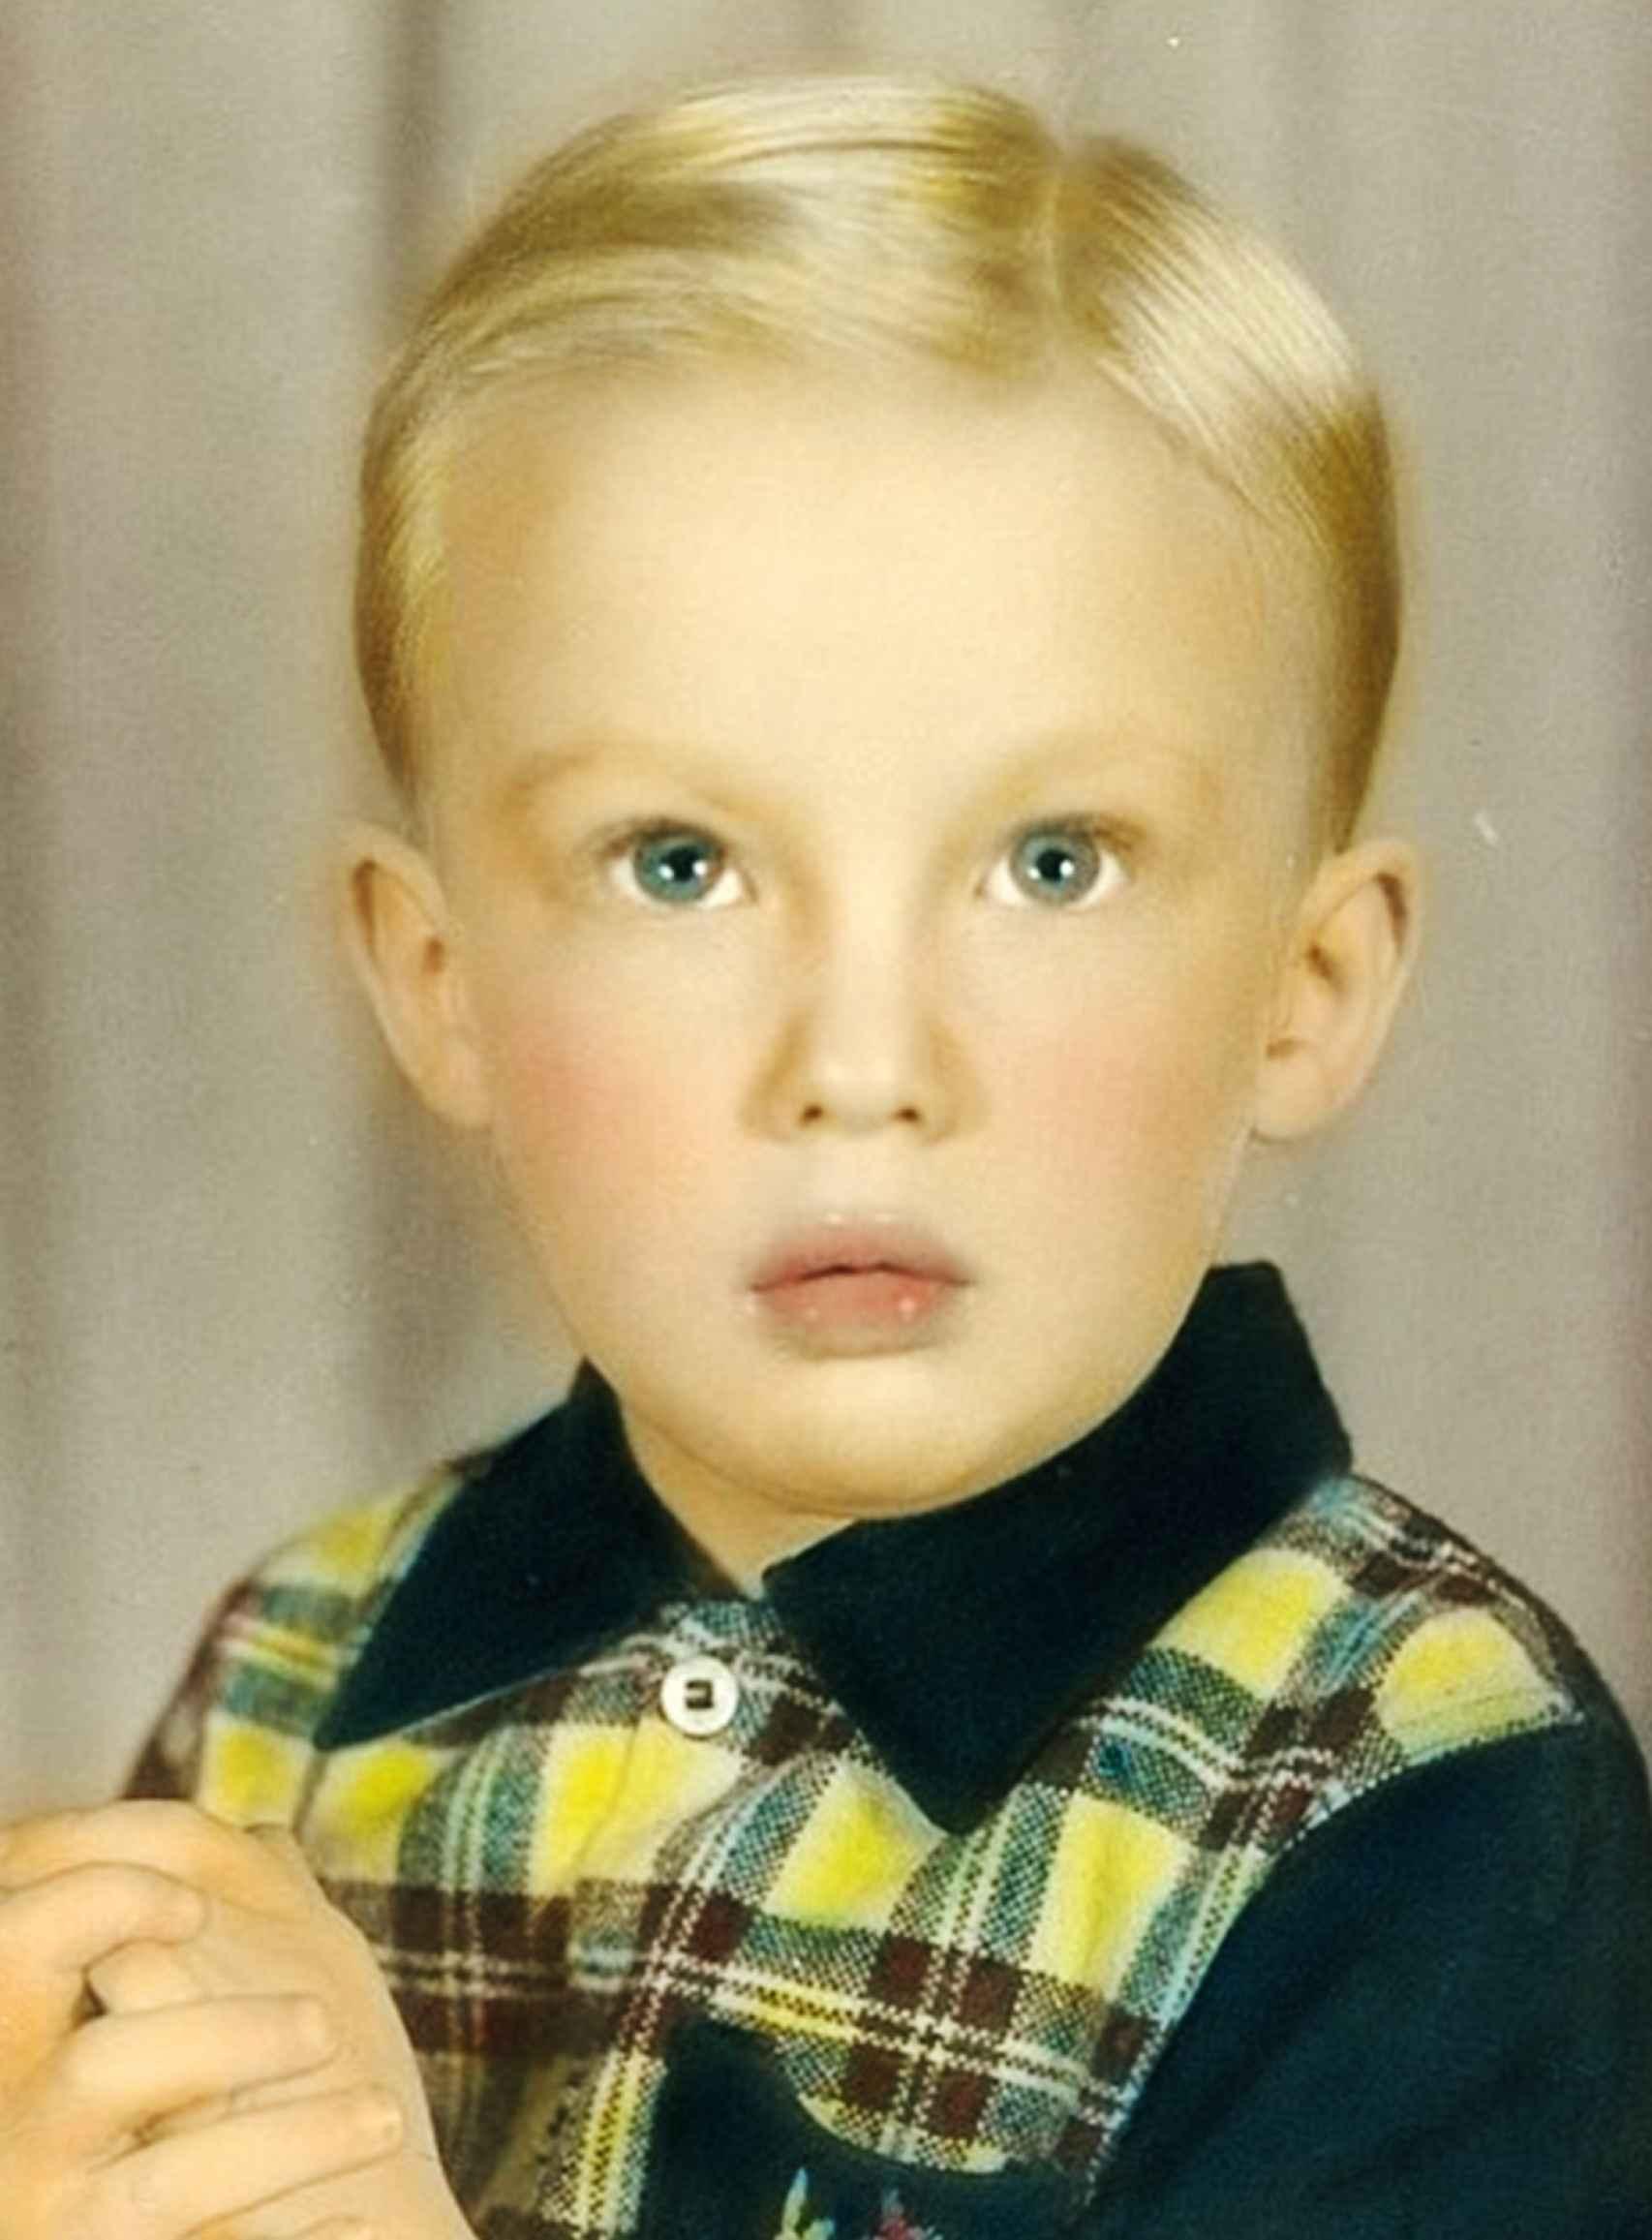 Donald Trump nació en 1946.